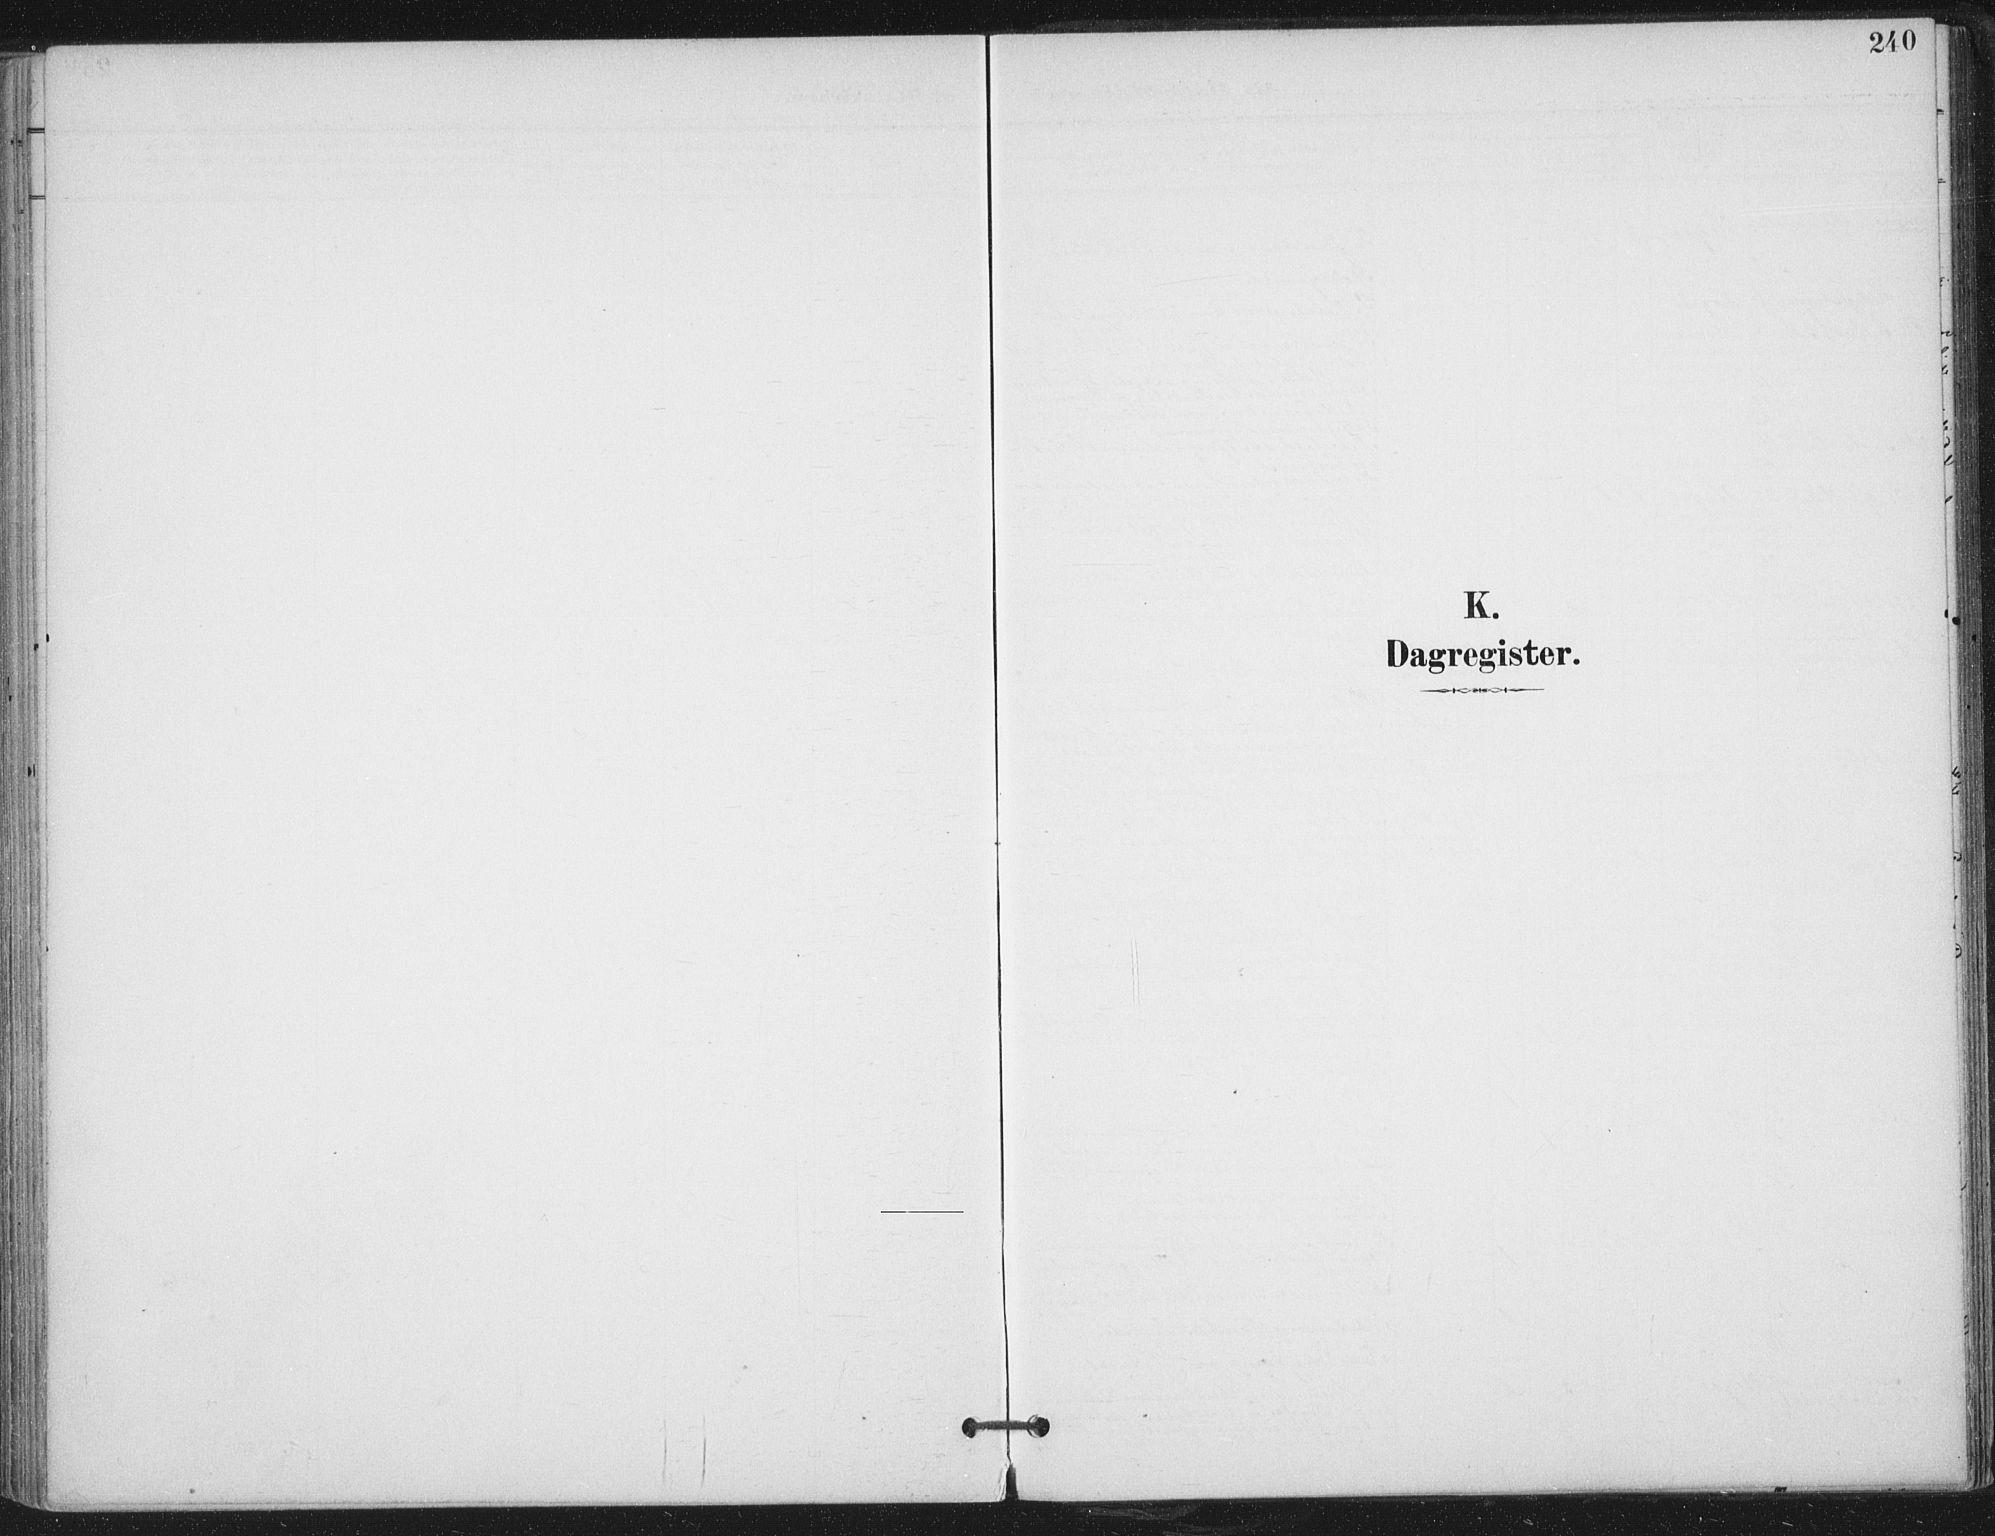 SAT, Ministerialprotokoller, klokkerbøker og fødselsregistre - Nord-Trøndelag, 703/L0031: Ministerialbok nr. 703A04, 1893-1914, s. 240